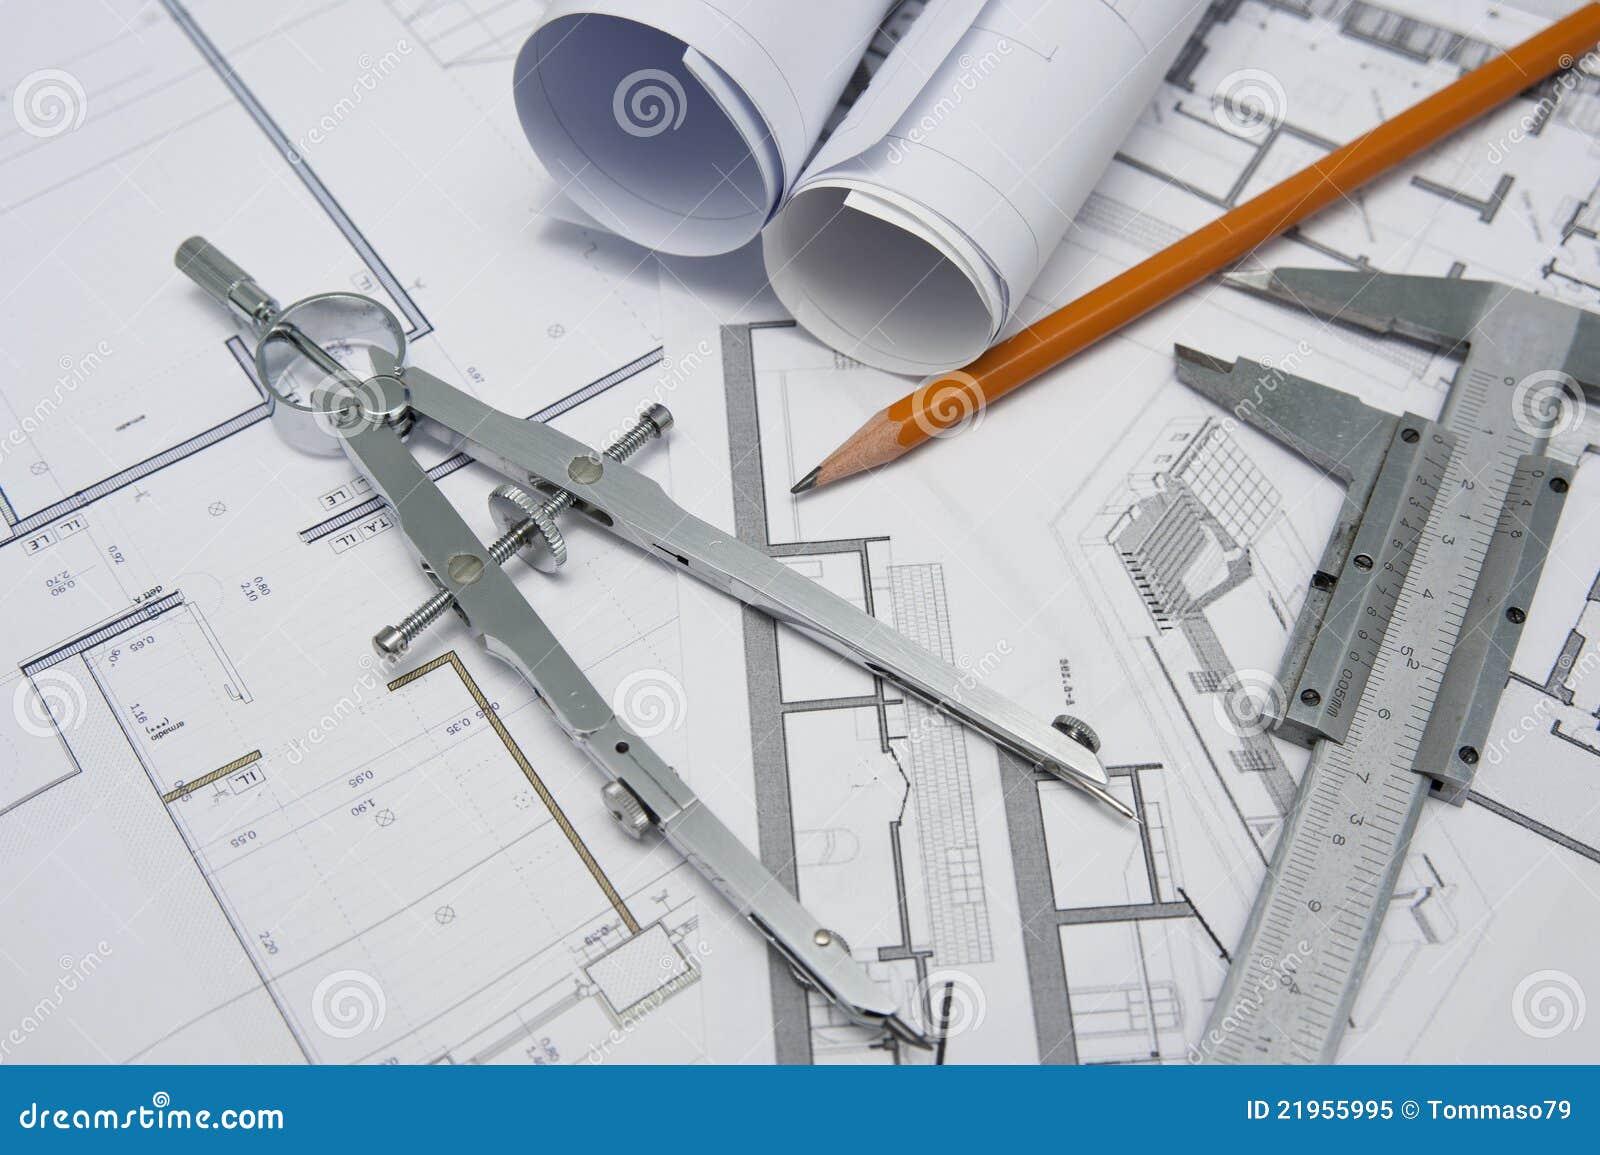 outils d 39 architecte photo libre de droits image 21955995